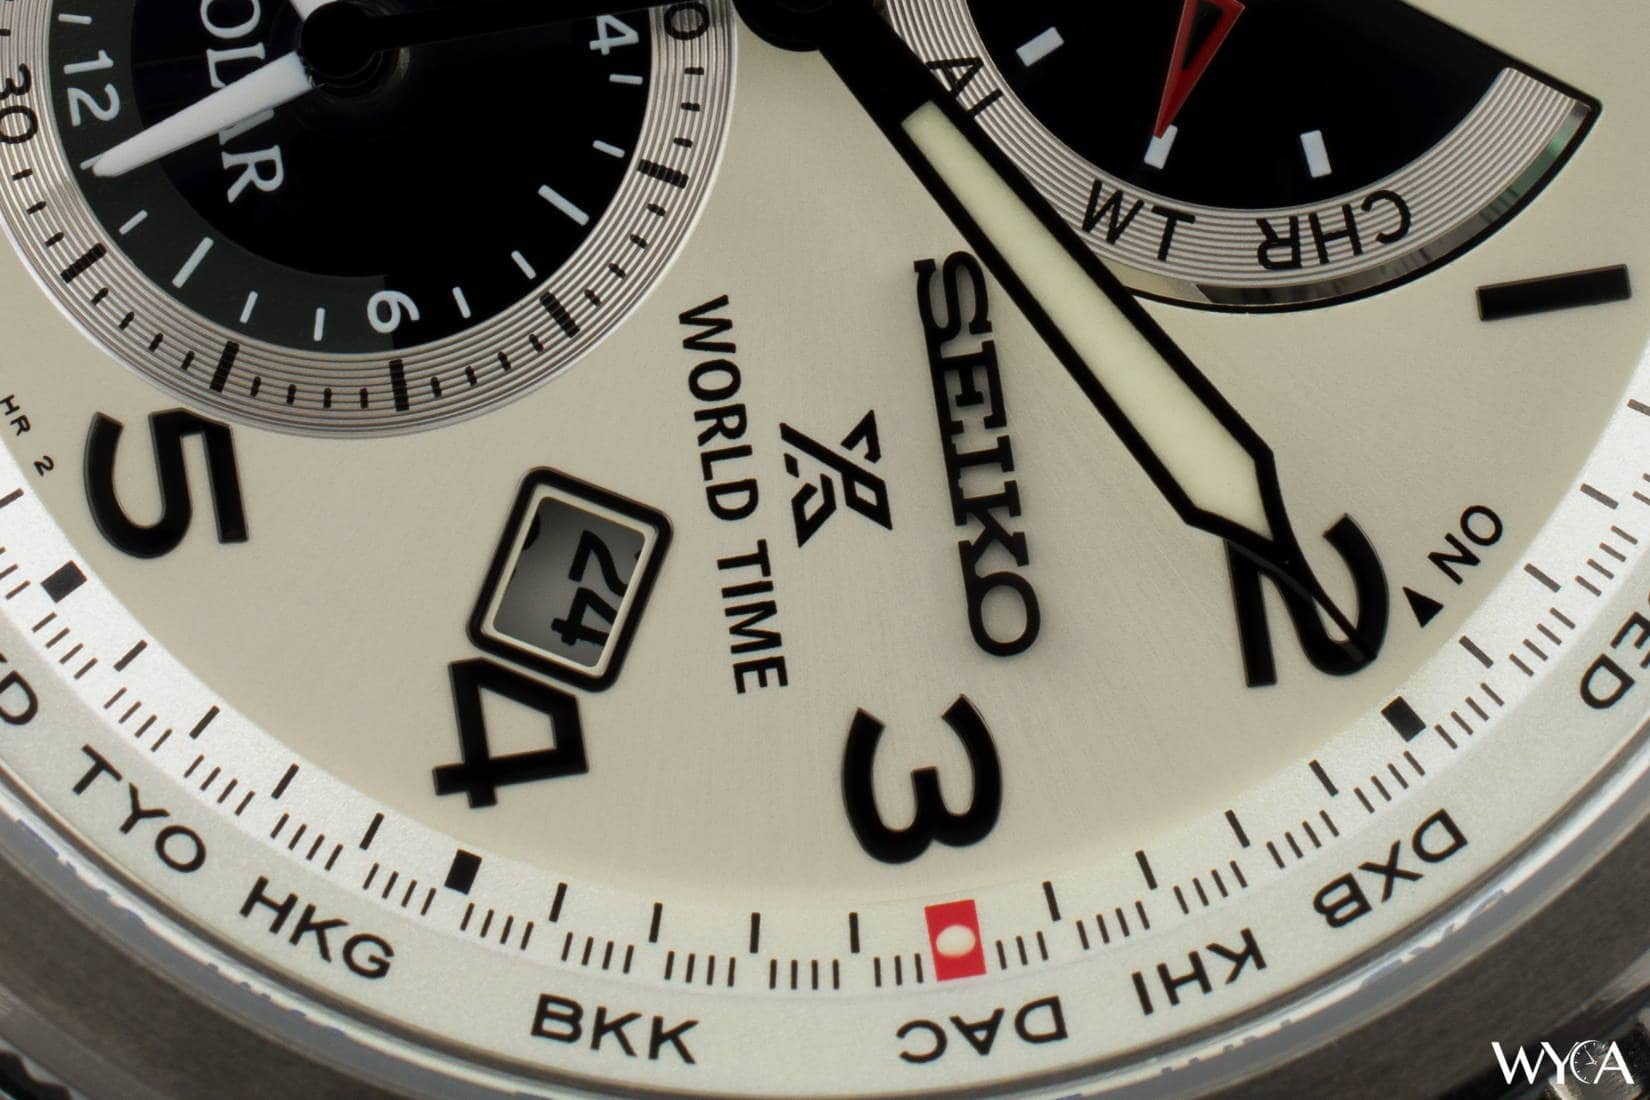 Seiko Prospex Solar World Time SSC509 (Macro)